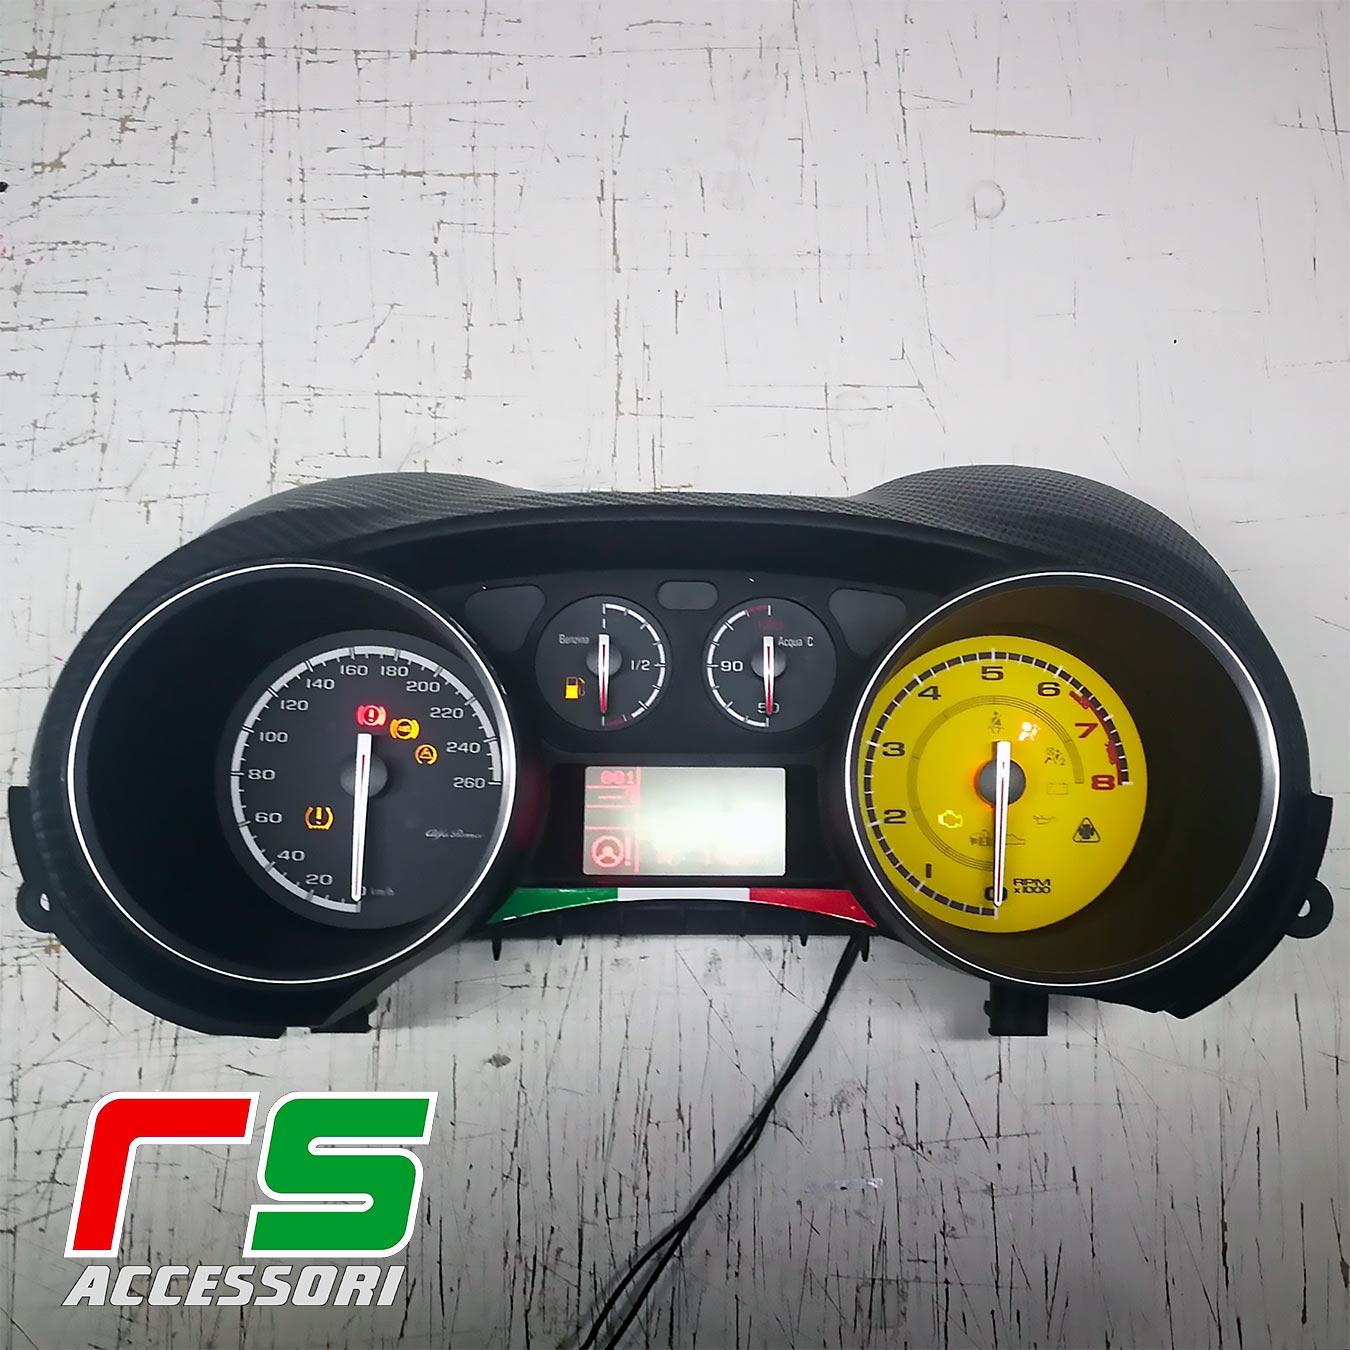 fondini strumentazione Alfa Romeo Mito Giulietta benzina scuderia Ferrari